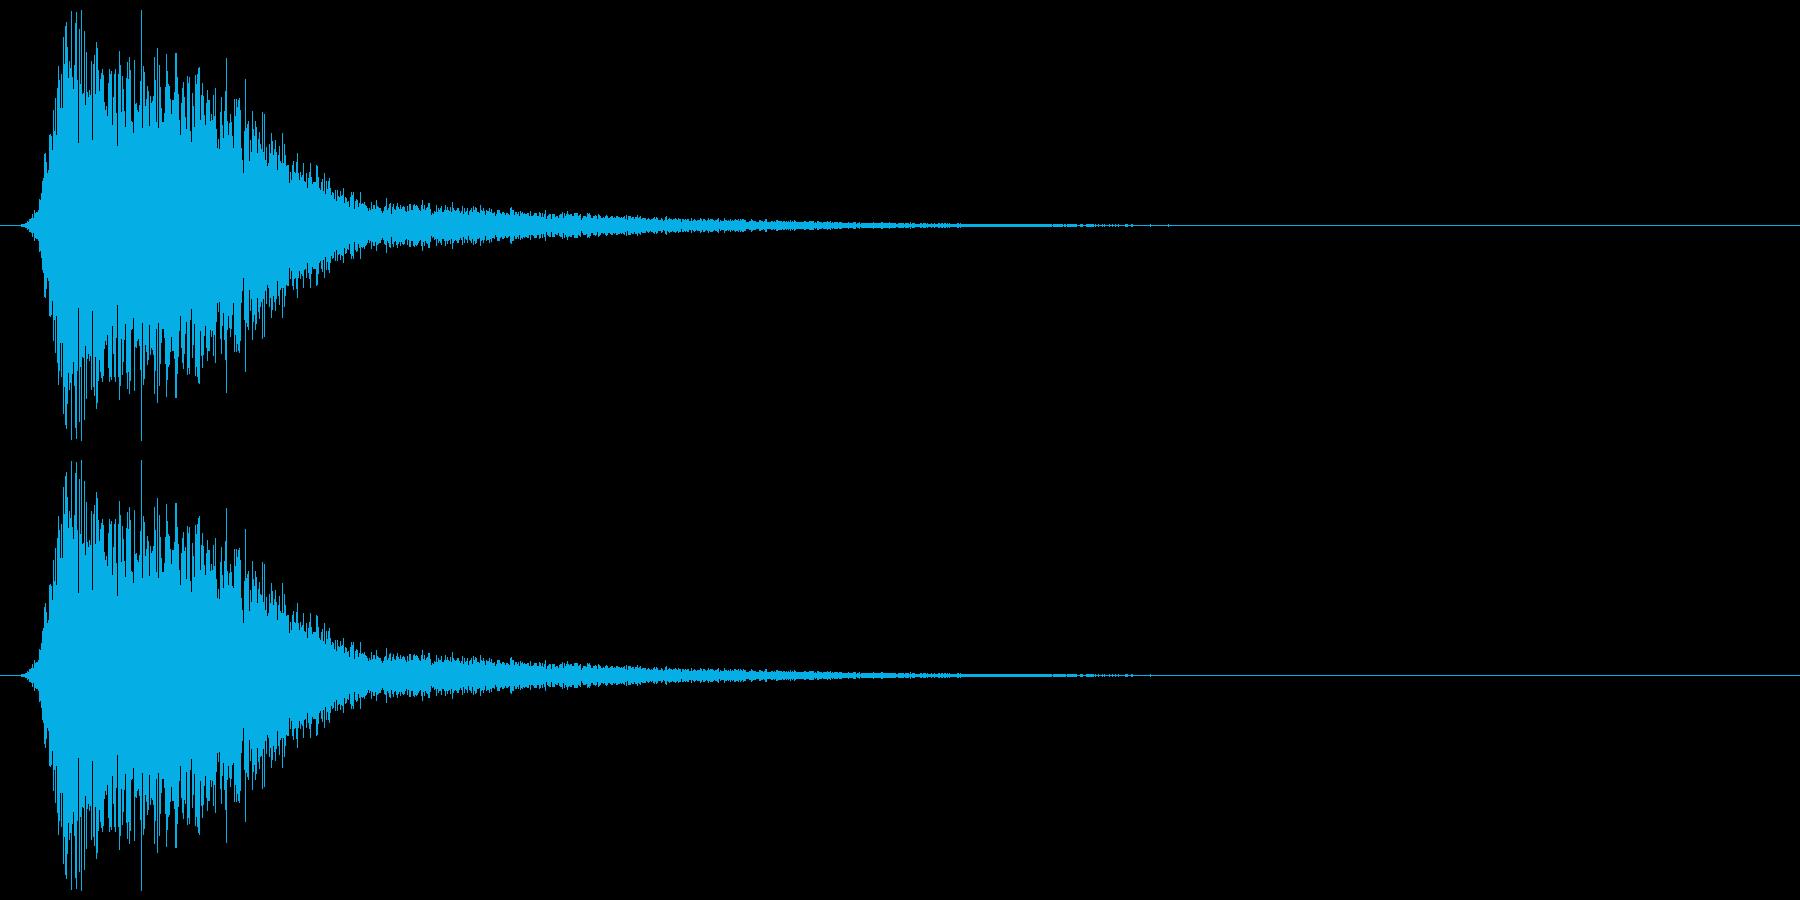 ミサイルの軌跡、キレの良いジェット音の再生済みの波形